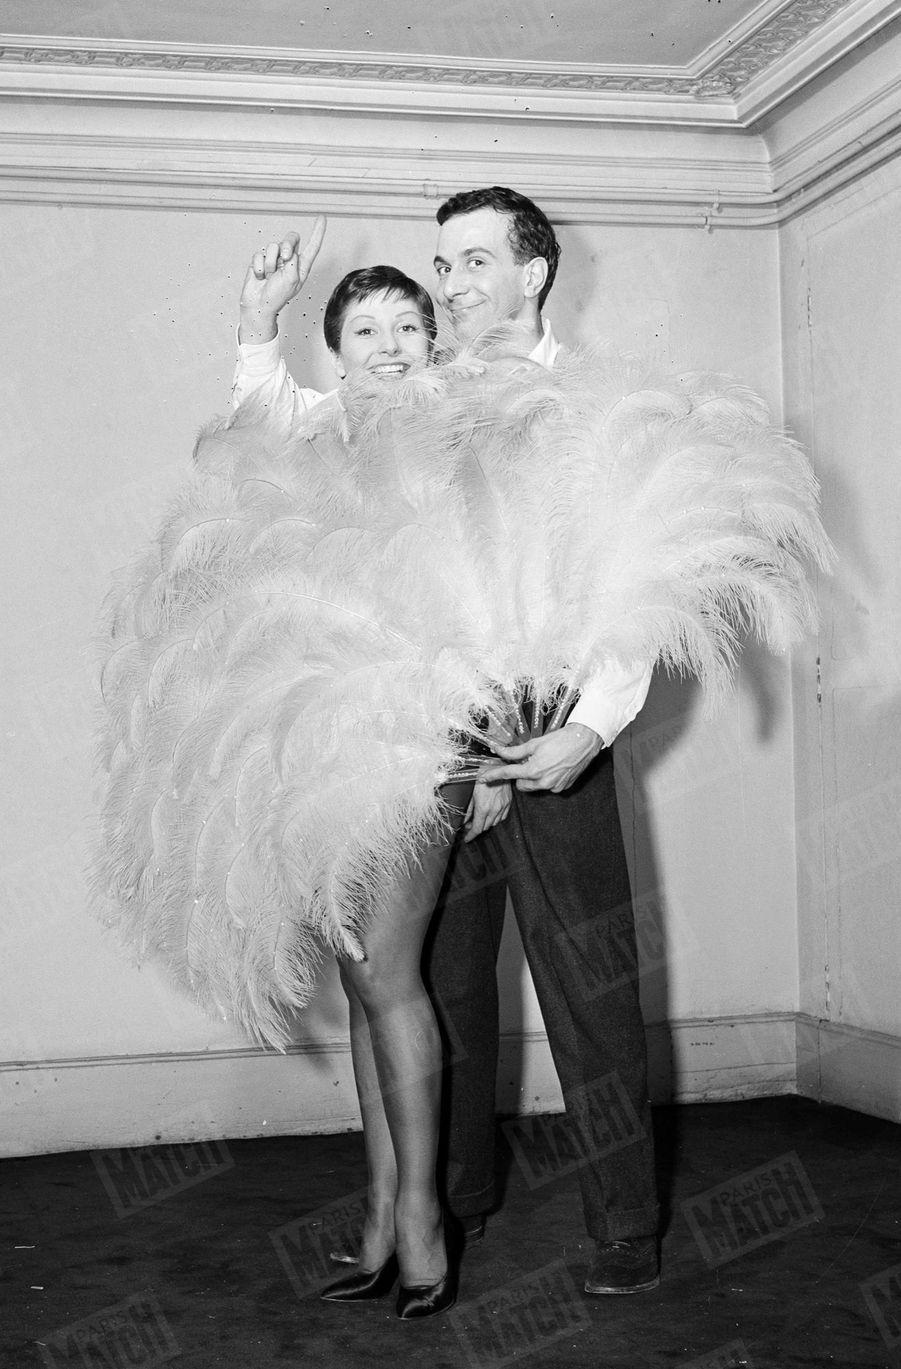 """Zizi Jeanmaire et Roland Petit dans les studios de cinéma de Boulogne-Billancourt, lors du tournage du film """"Folies-Bergère"""", en février 1956."""